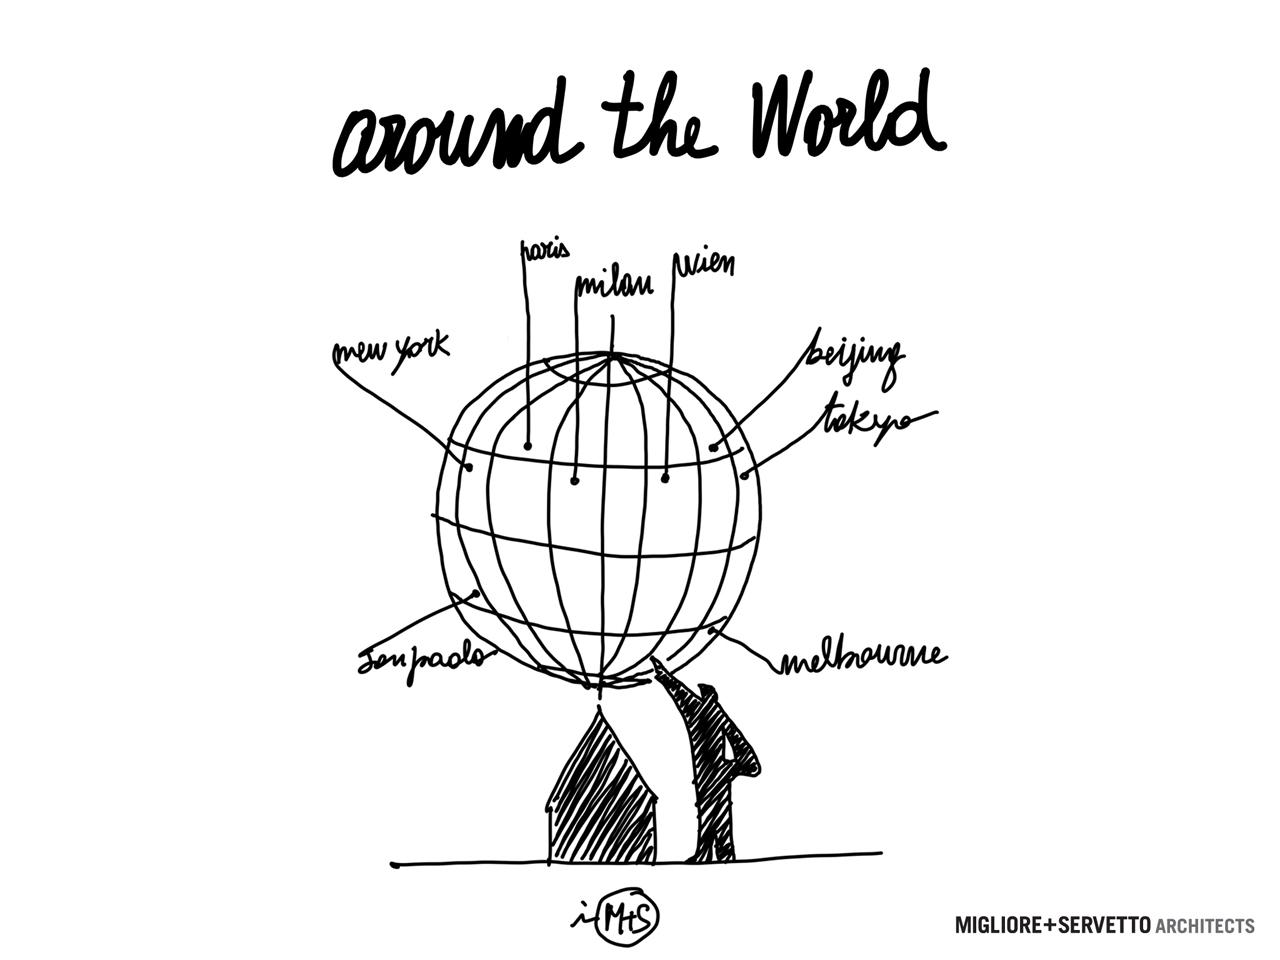 around-the-world_sketch-1_ico-migliore_miglioreservettoarchitects